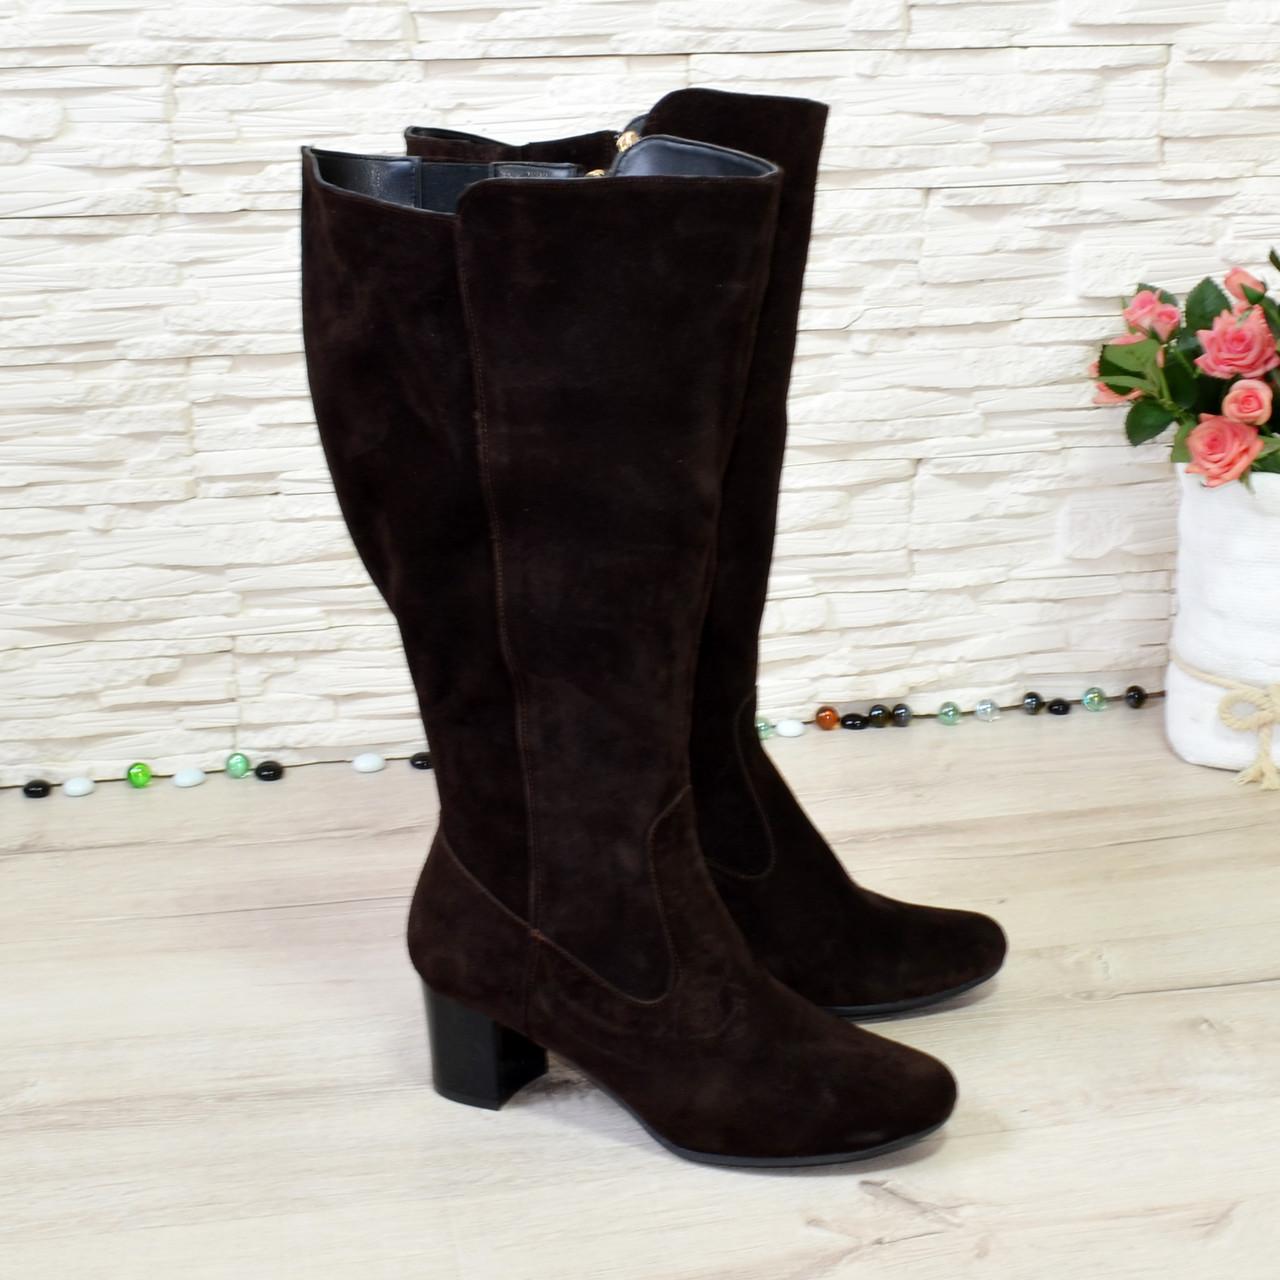 Сапоги женские замшевые на невысоком каблуке, цвет коричневый